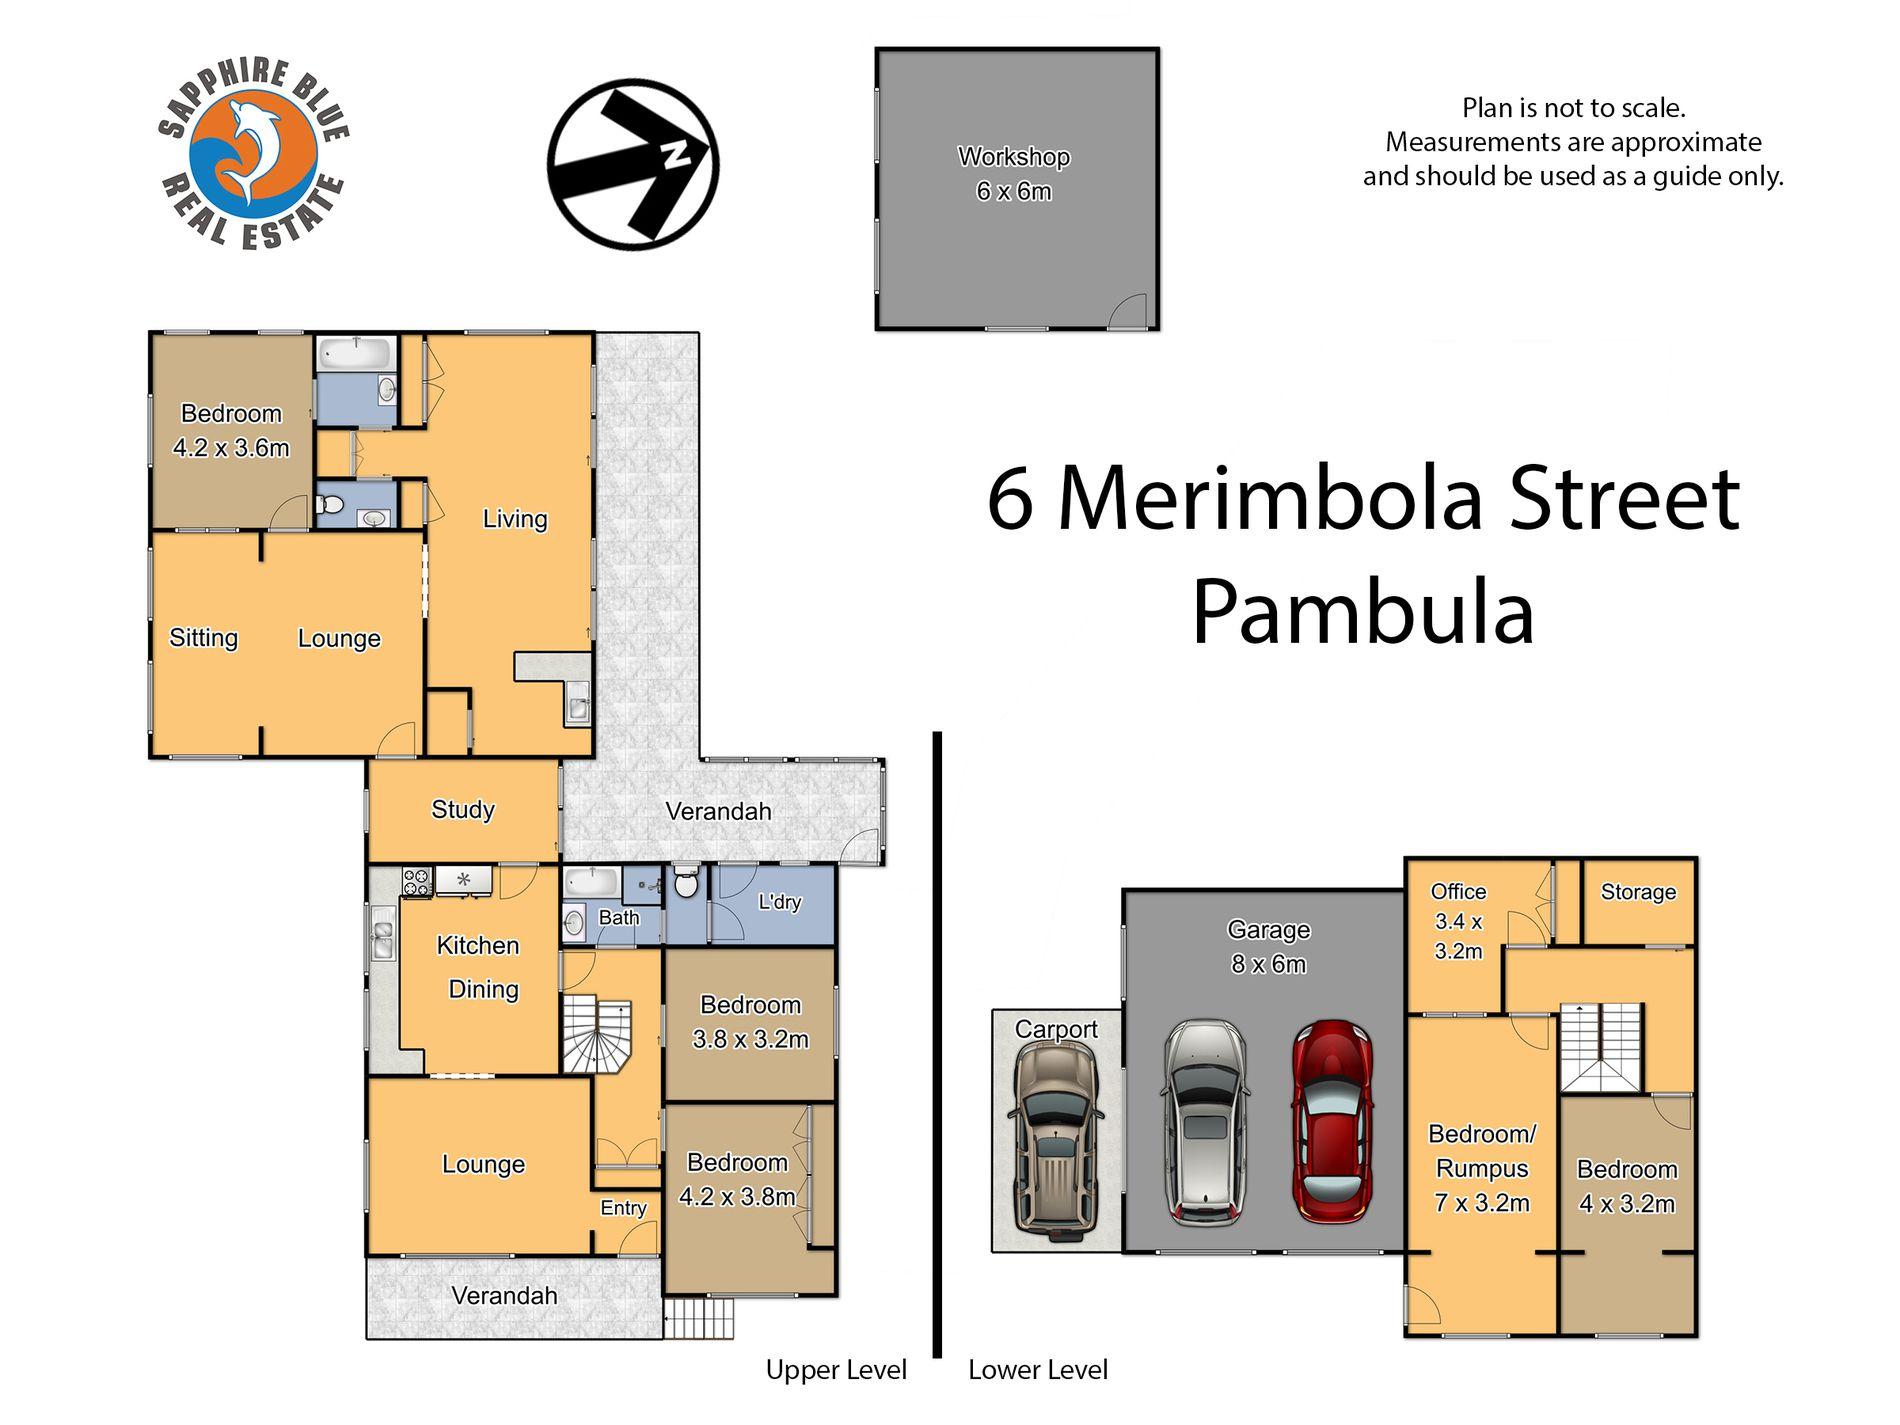 6 Merimbola Street, Pambula